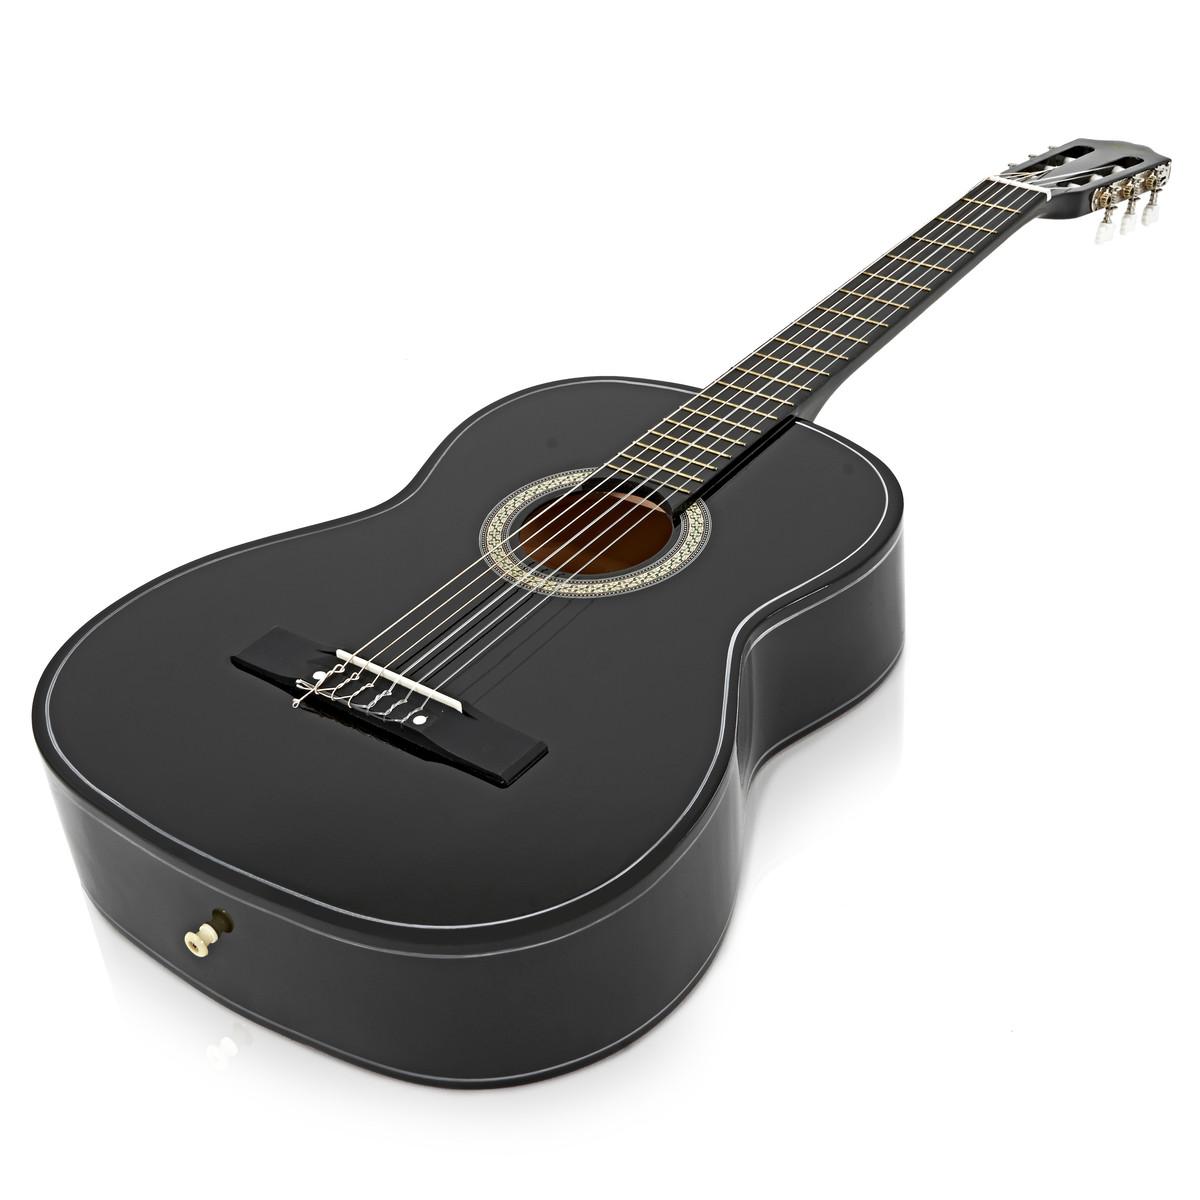 guitare classique noir par gear4music b stock. Black Bedroom Furniture Sets. Home Design Ideas